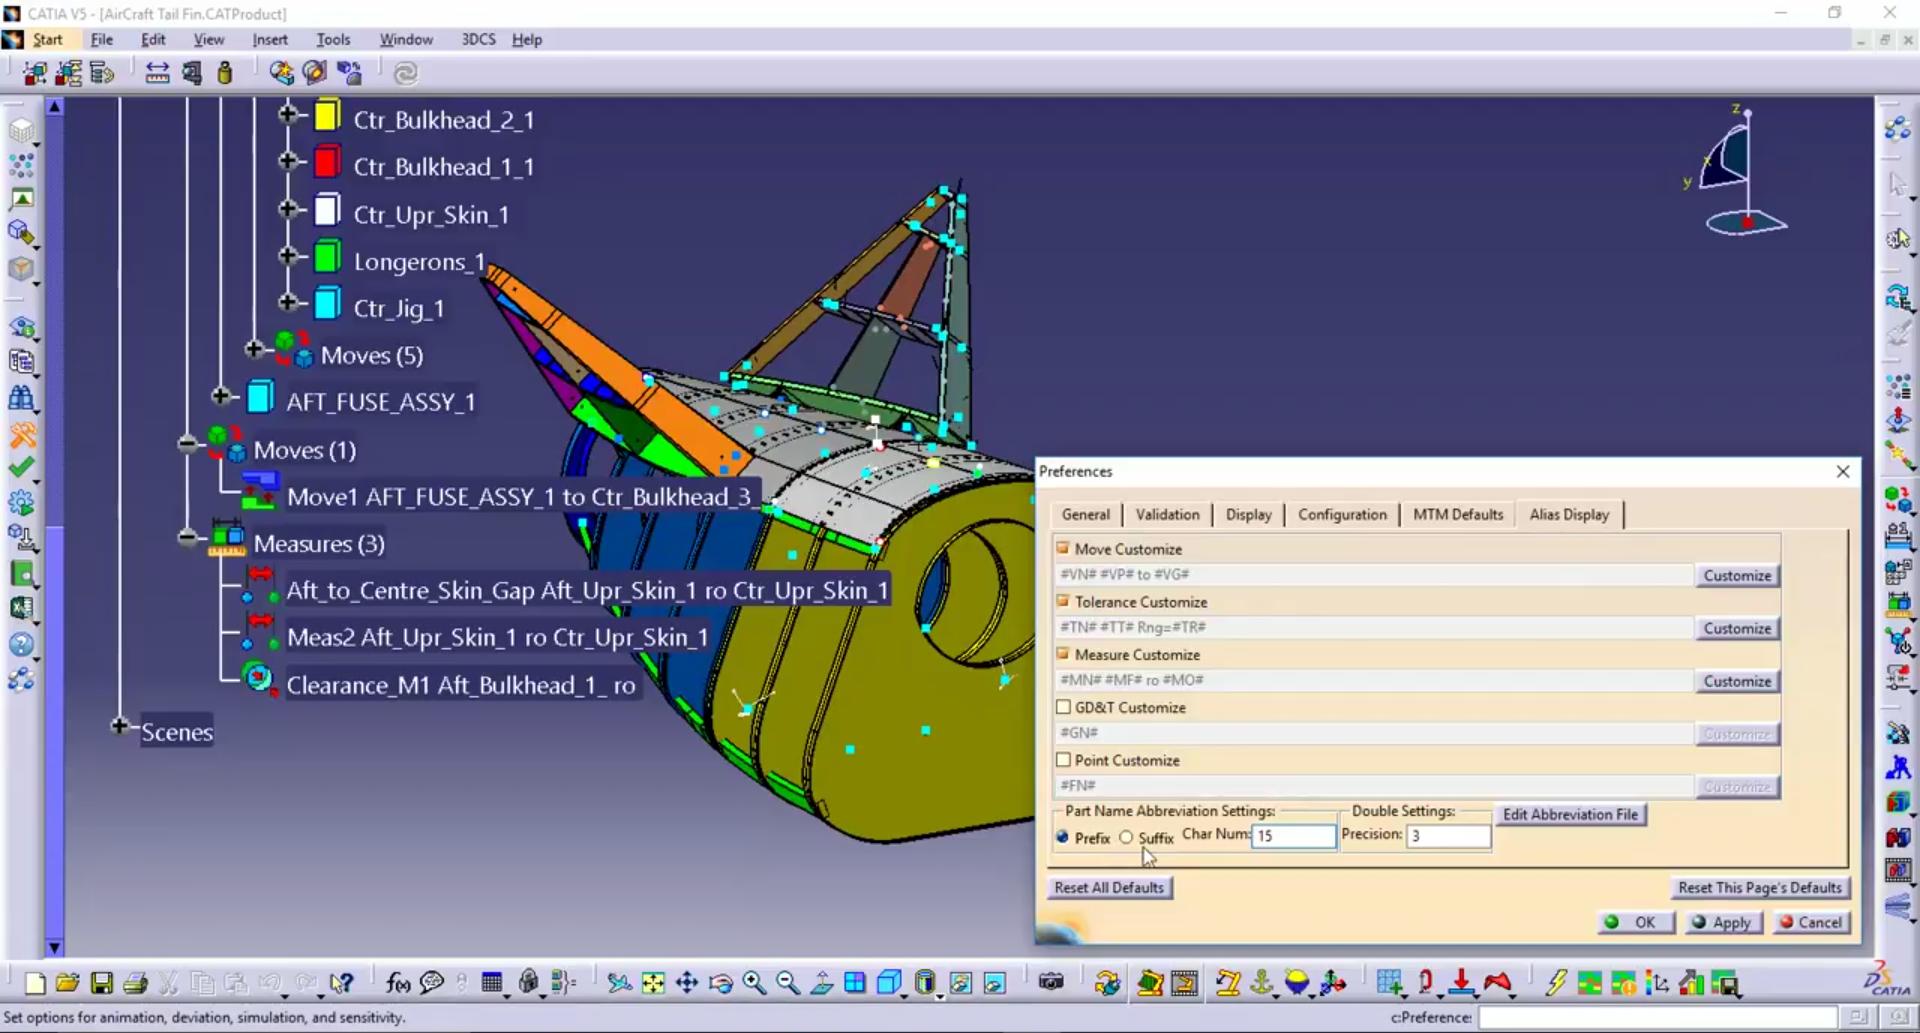 3dcs-efficiency-workshop-part-names-alias-display.png